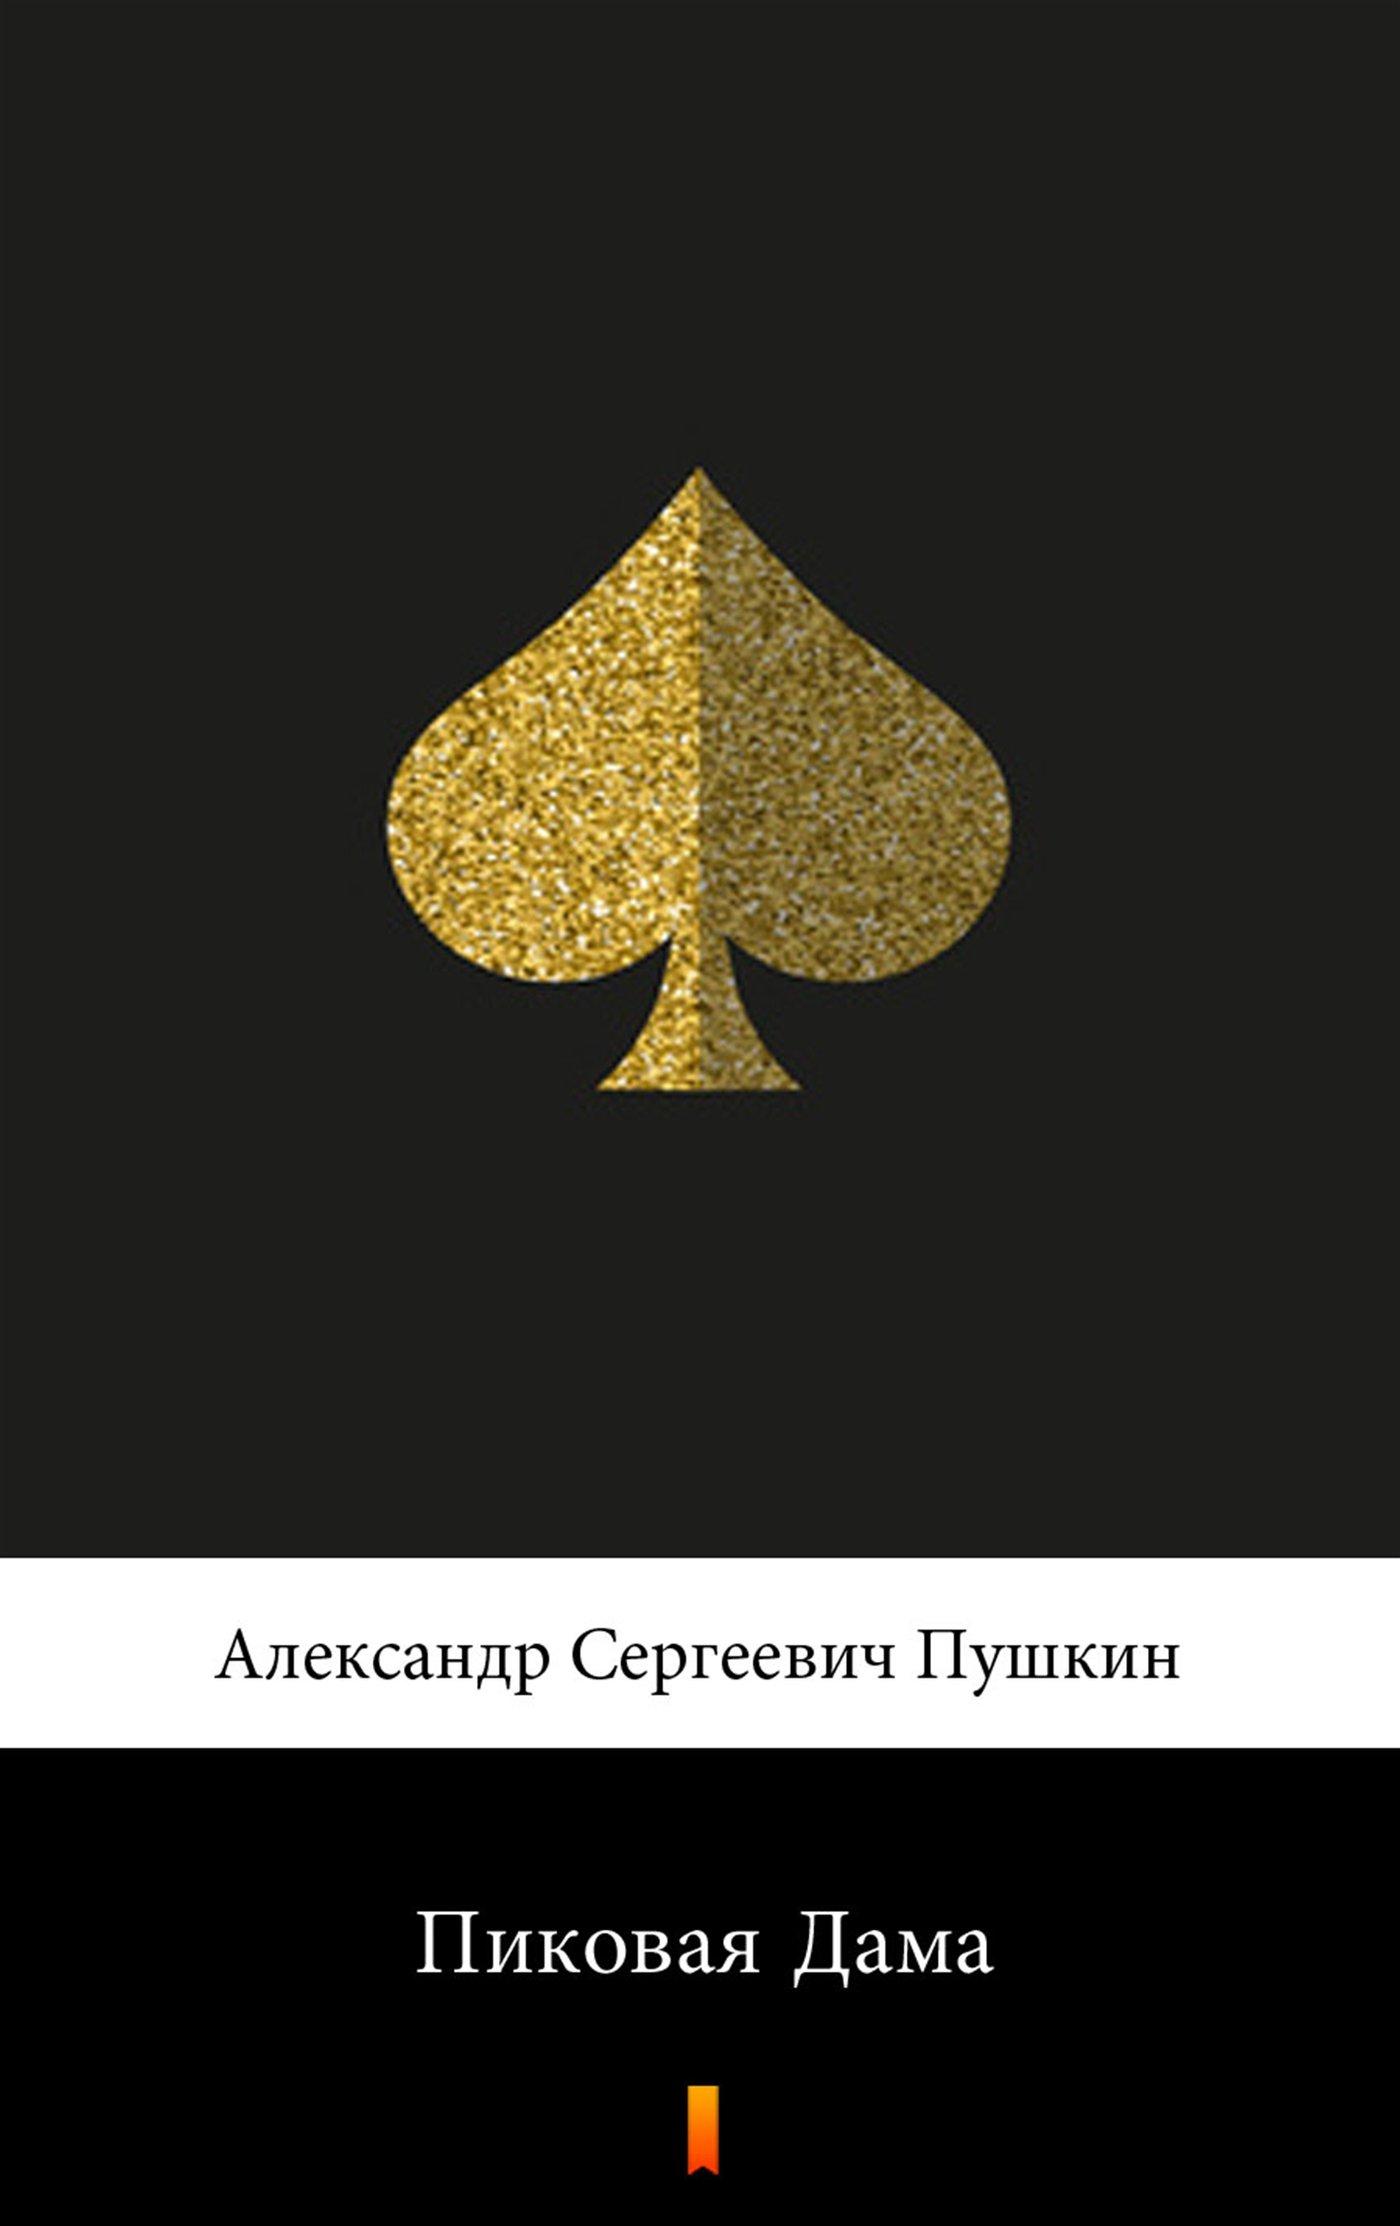 Пиковая Дама - Ebook (Książka EPUB) do pobrania w formacie EPUB